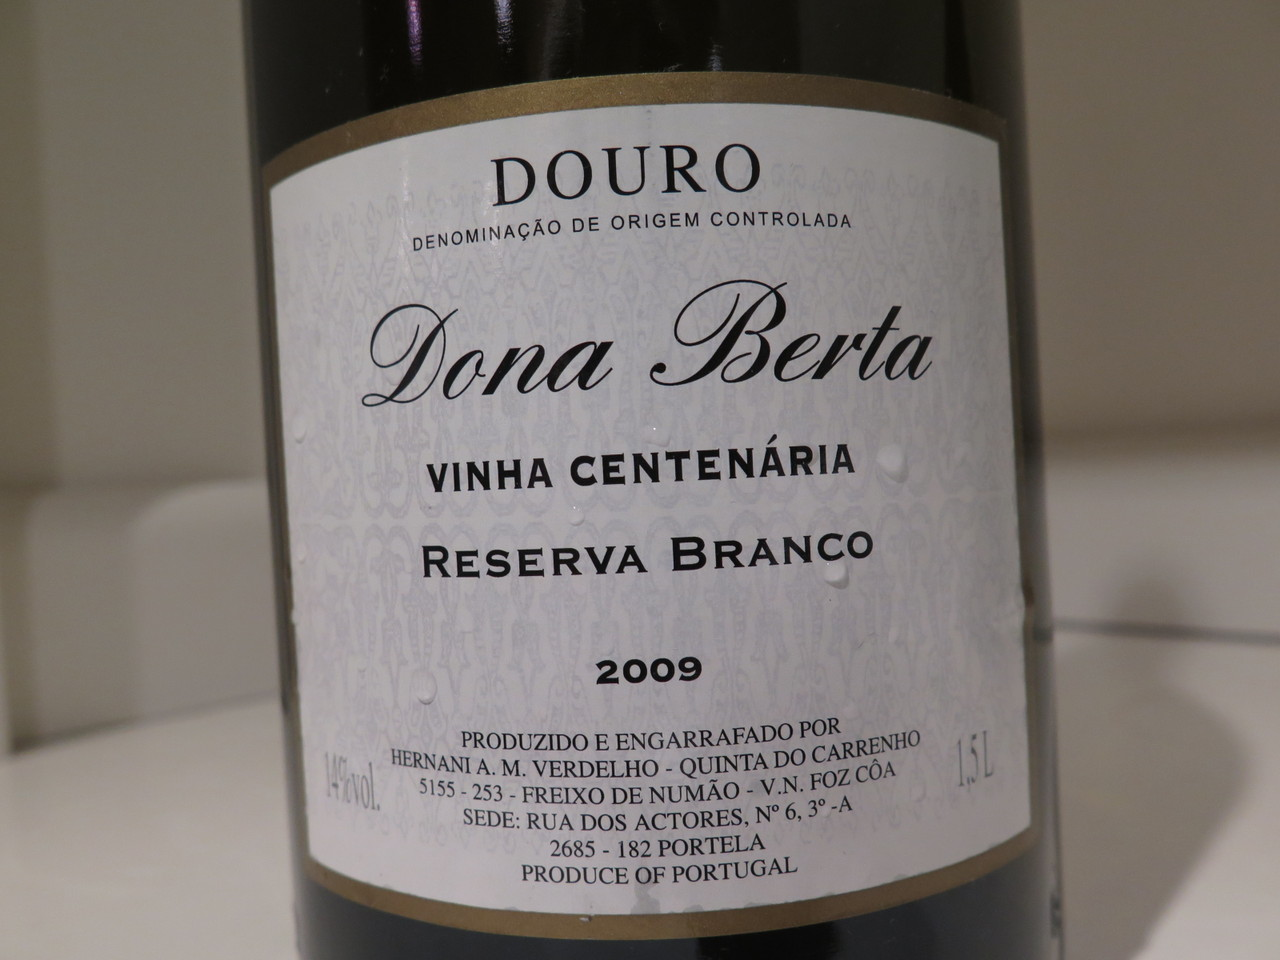 Dona Berta Vinha Centenária Reserva Branco 2009